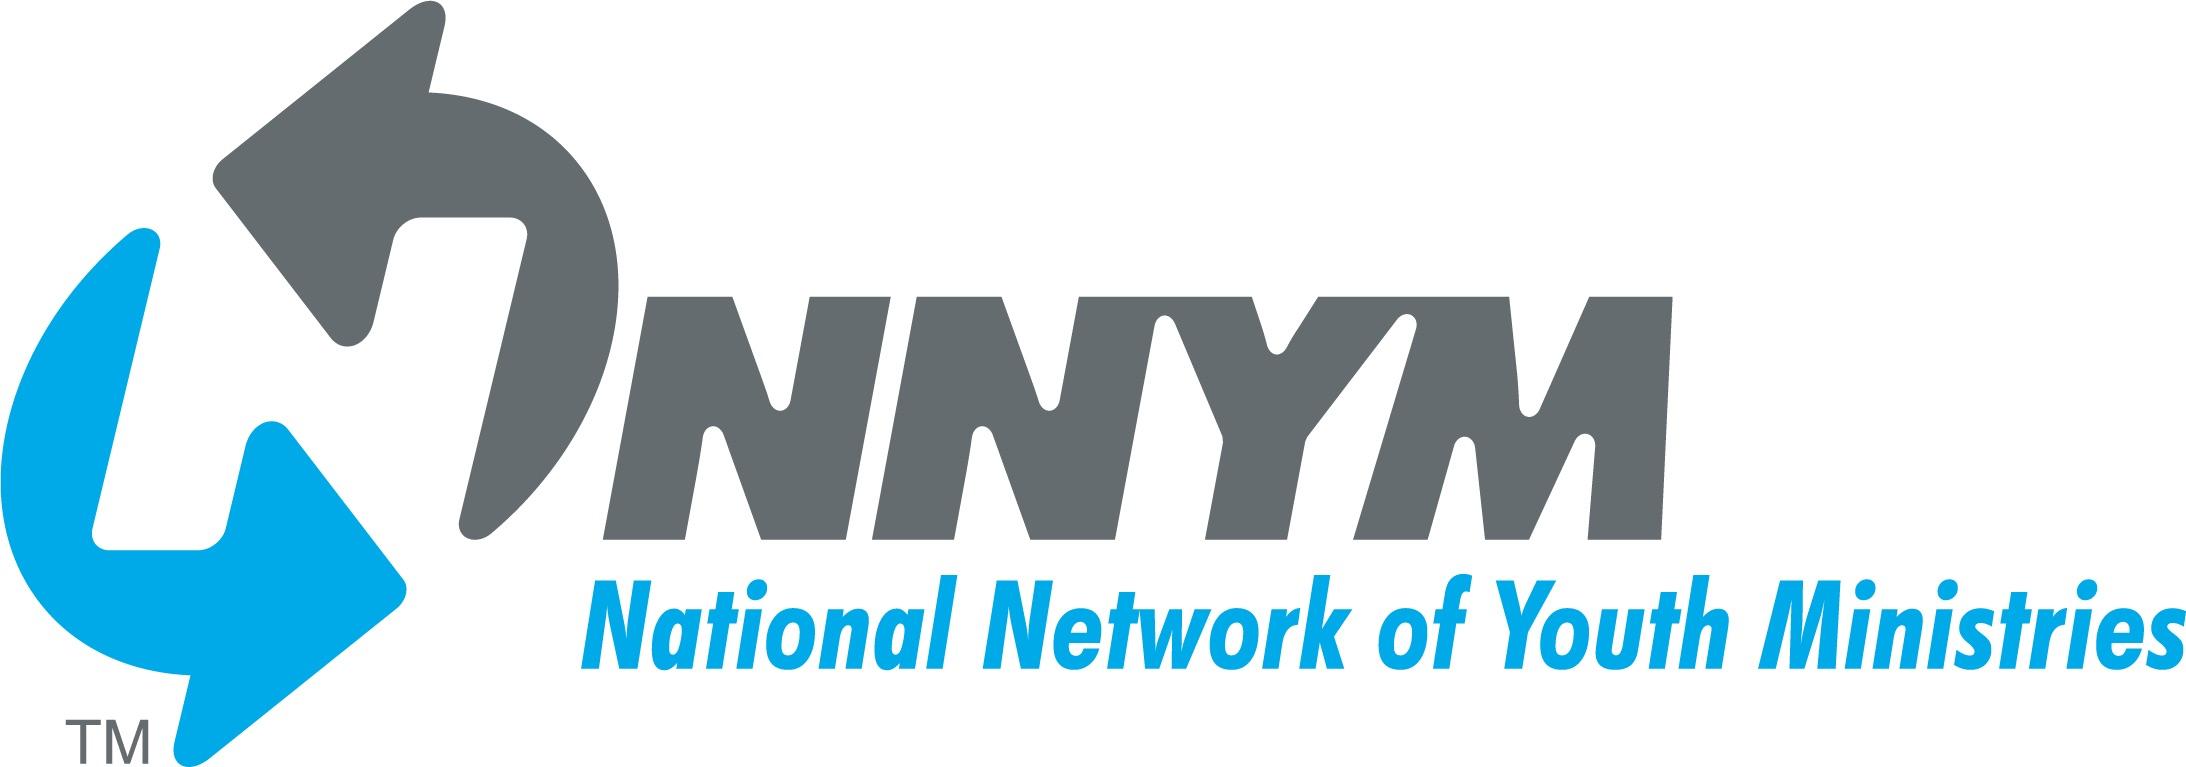 NNYM-color-logo(2018).jpg